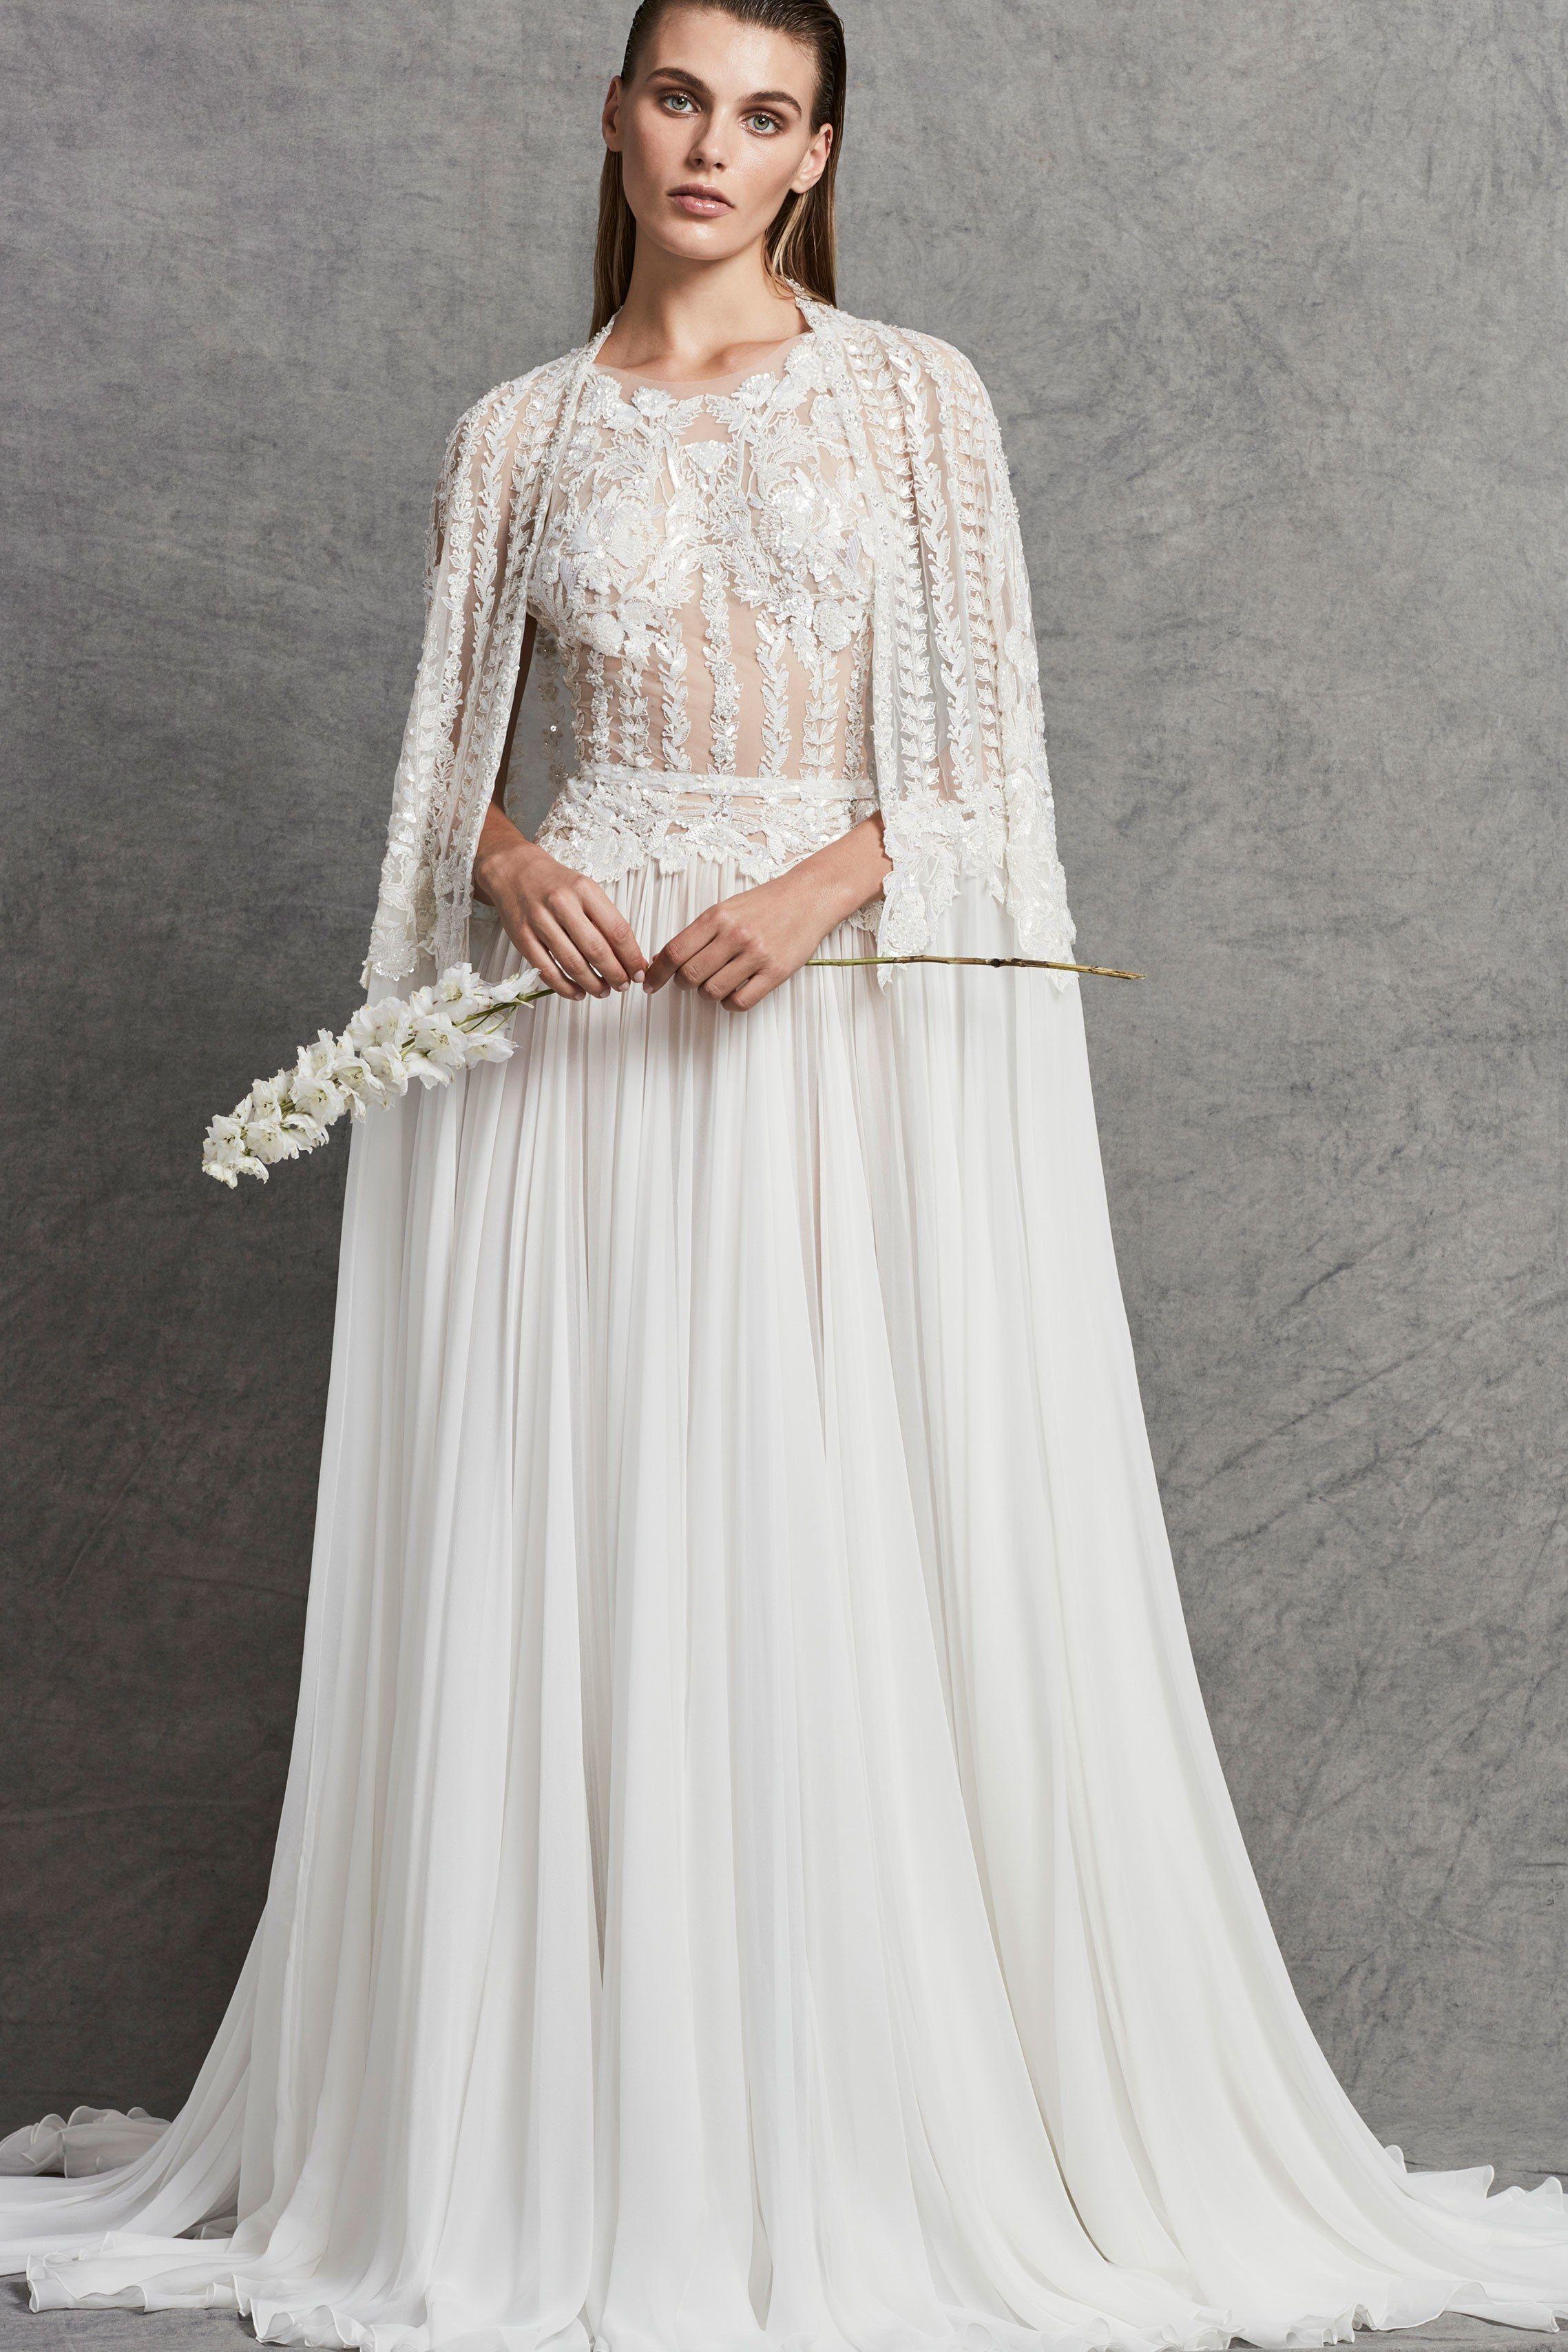 Zuhair Murad Bridal Fall 2018 Fashion Show | Zuhair murad bridal ...